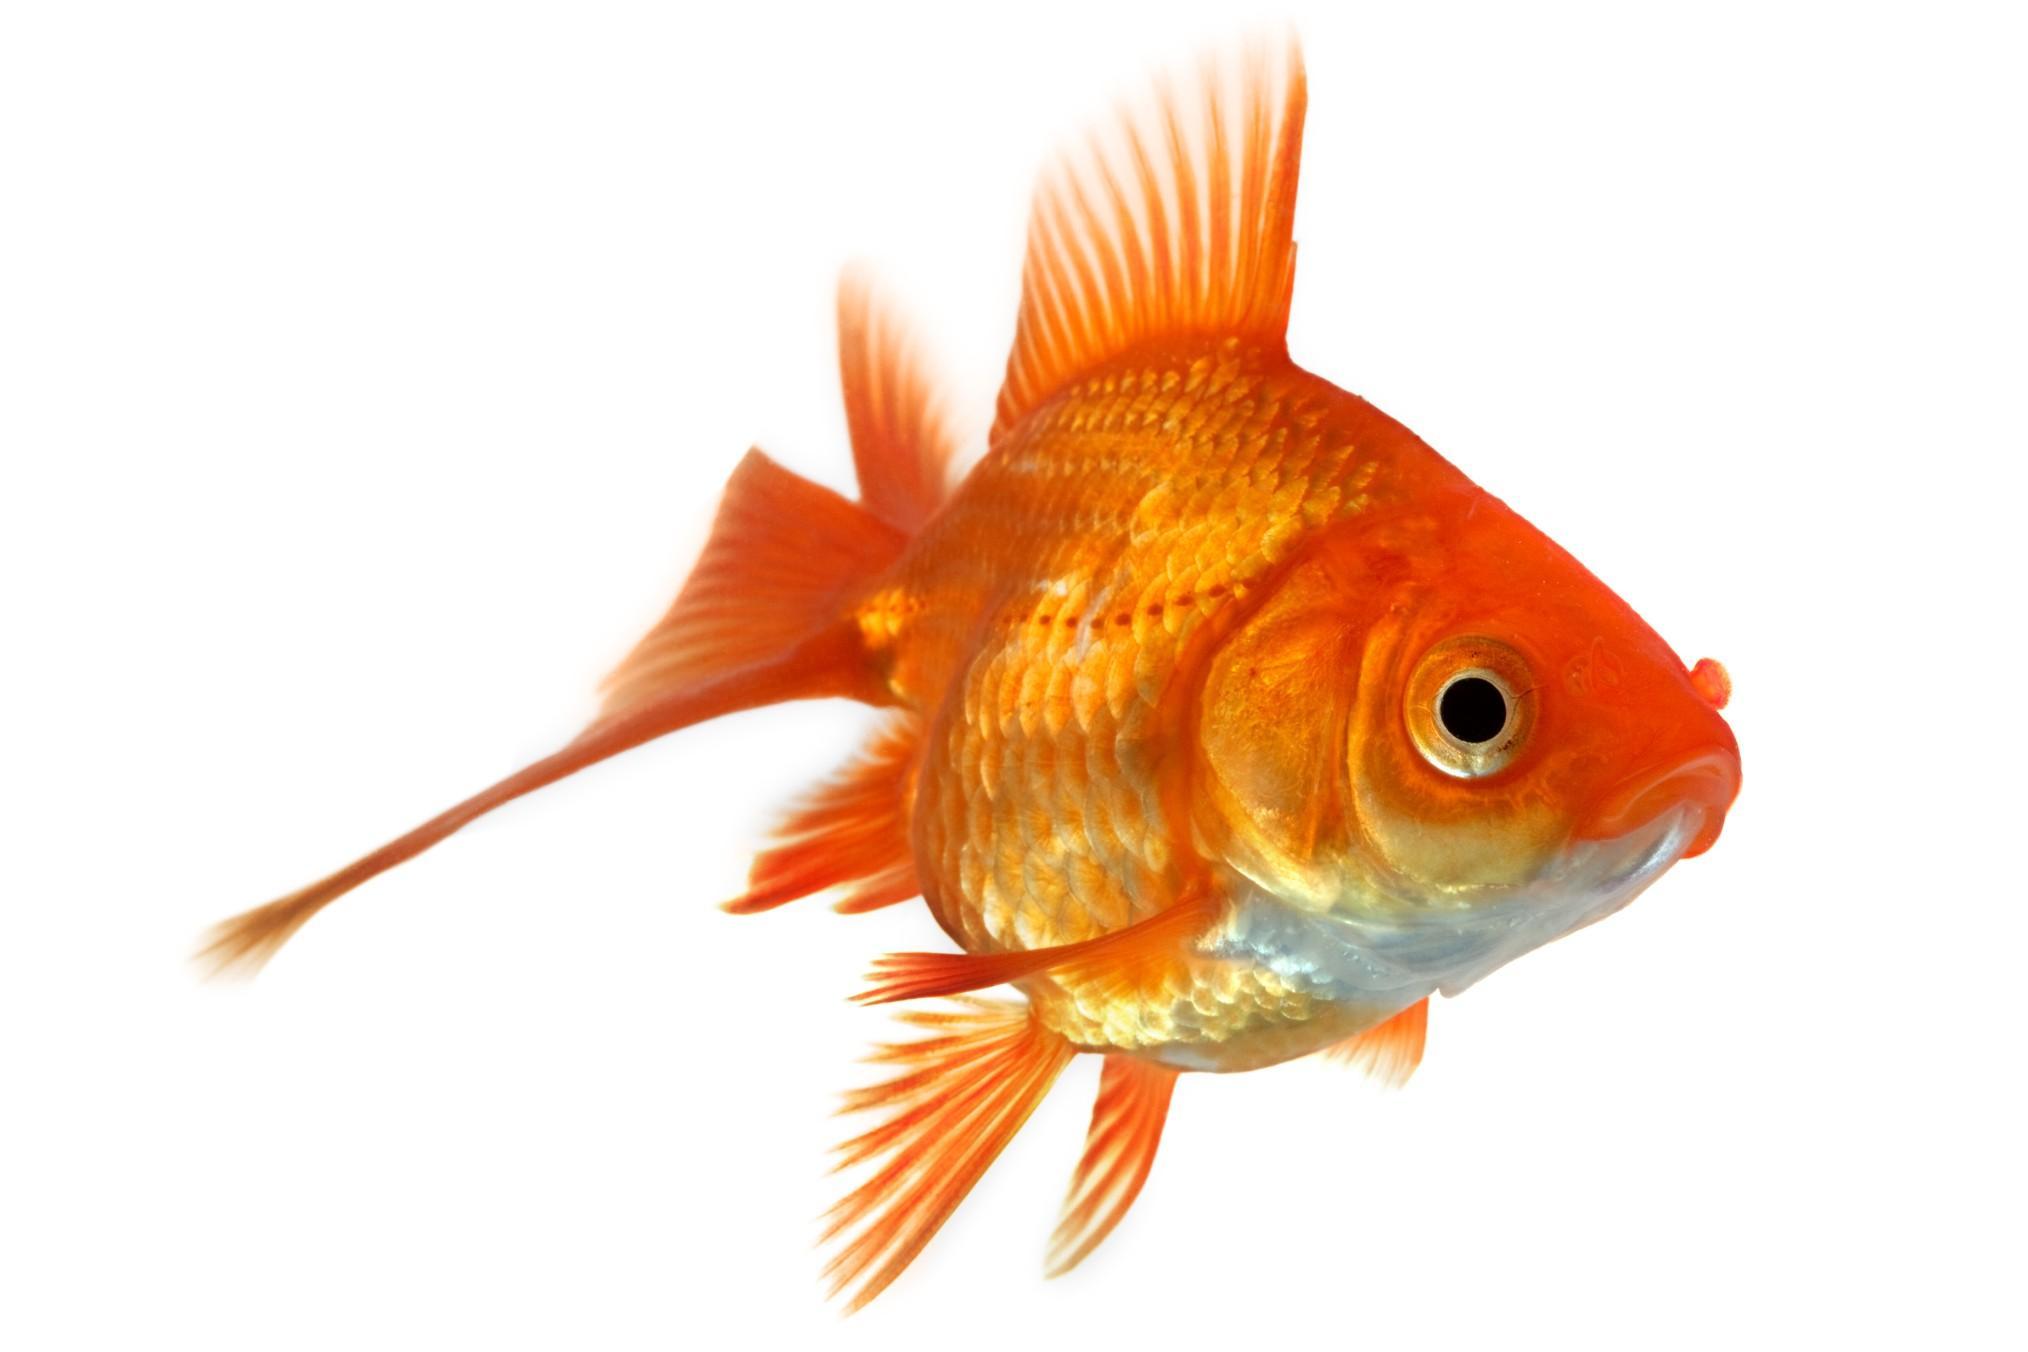 Articolo naturalistico meteowebcam for Quanto vive un pesce rosso